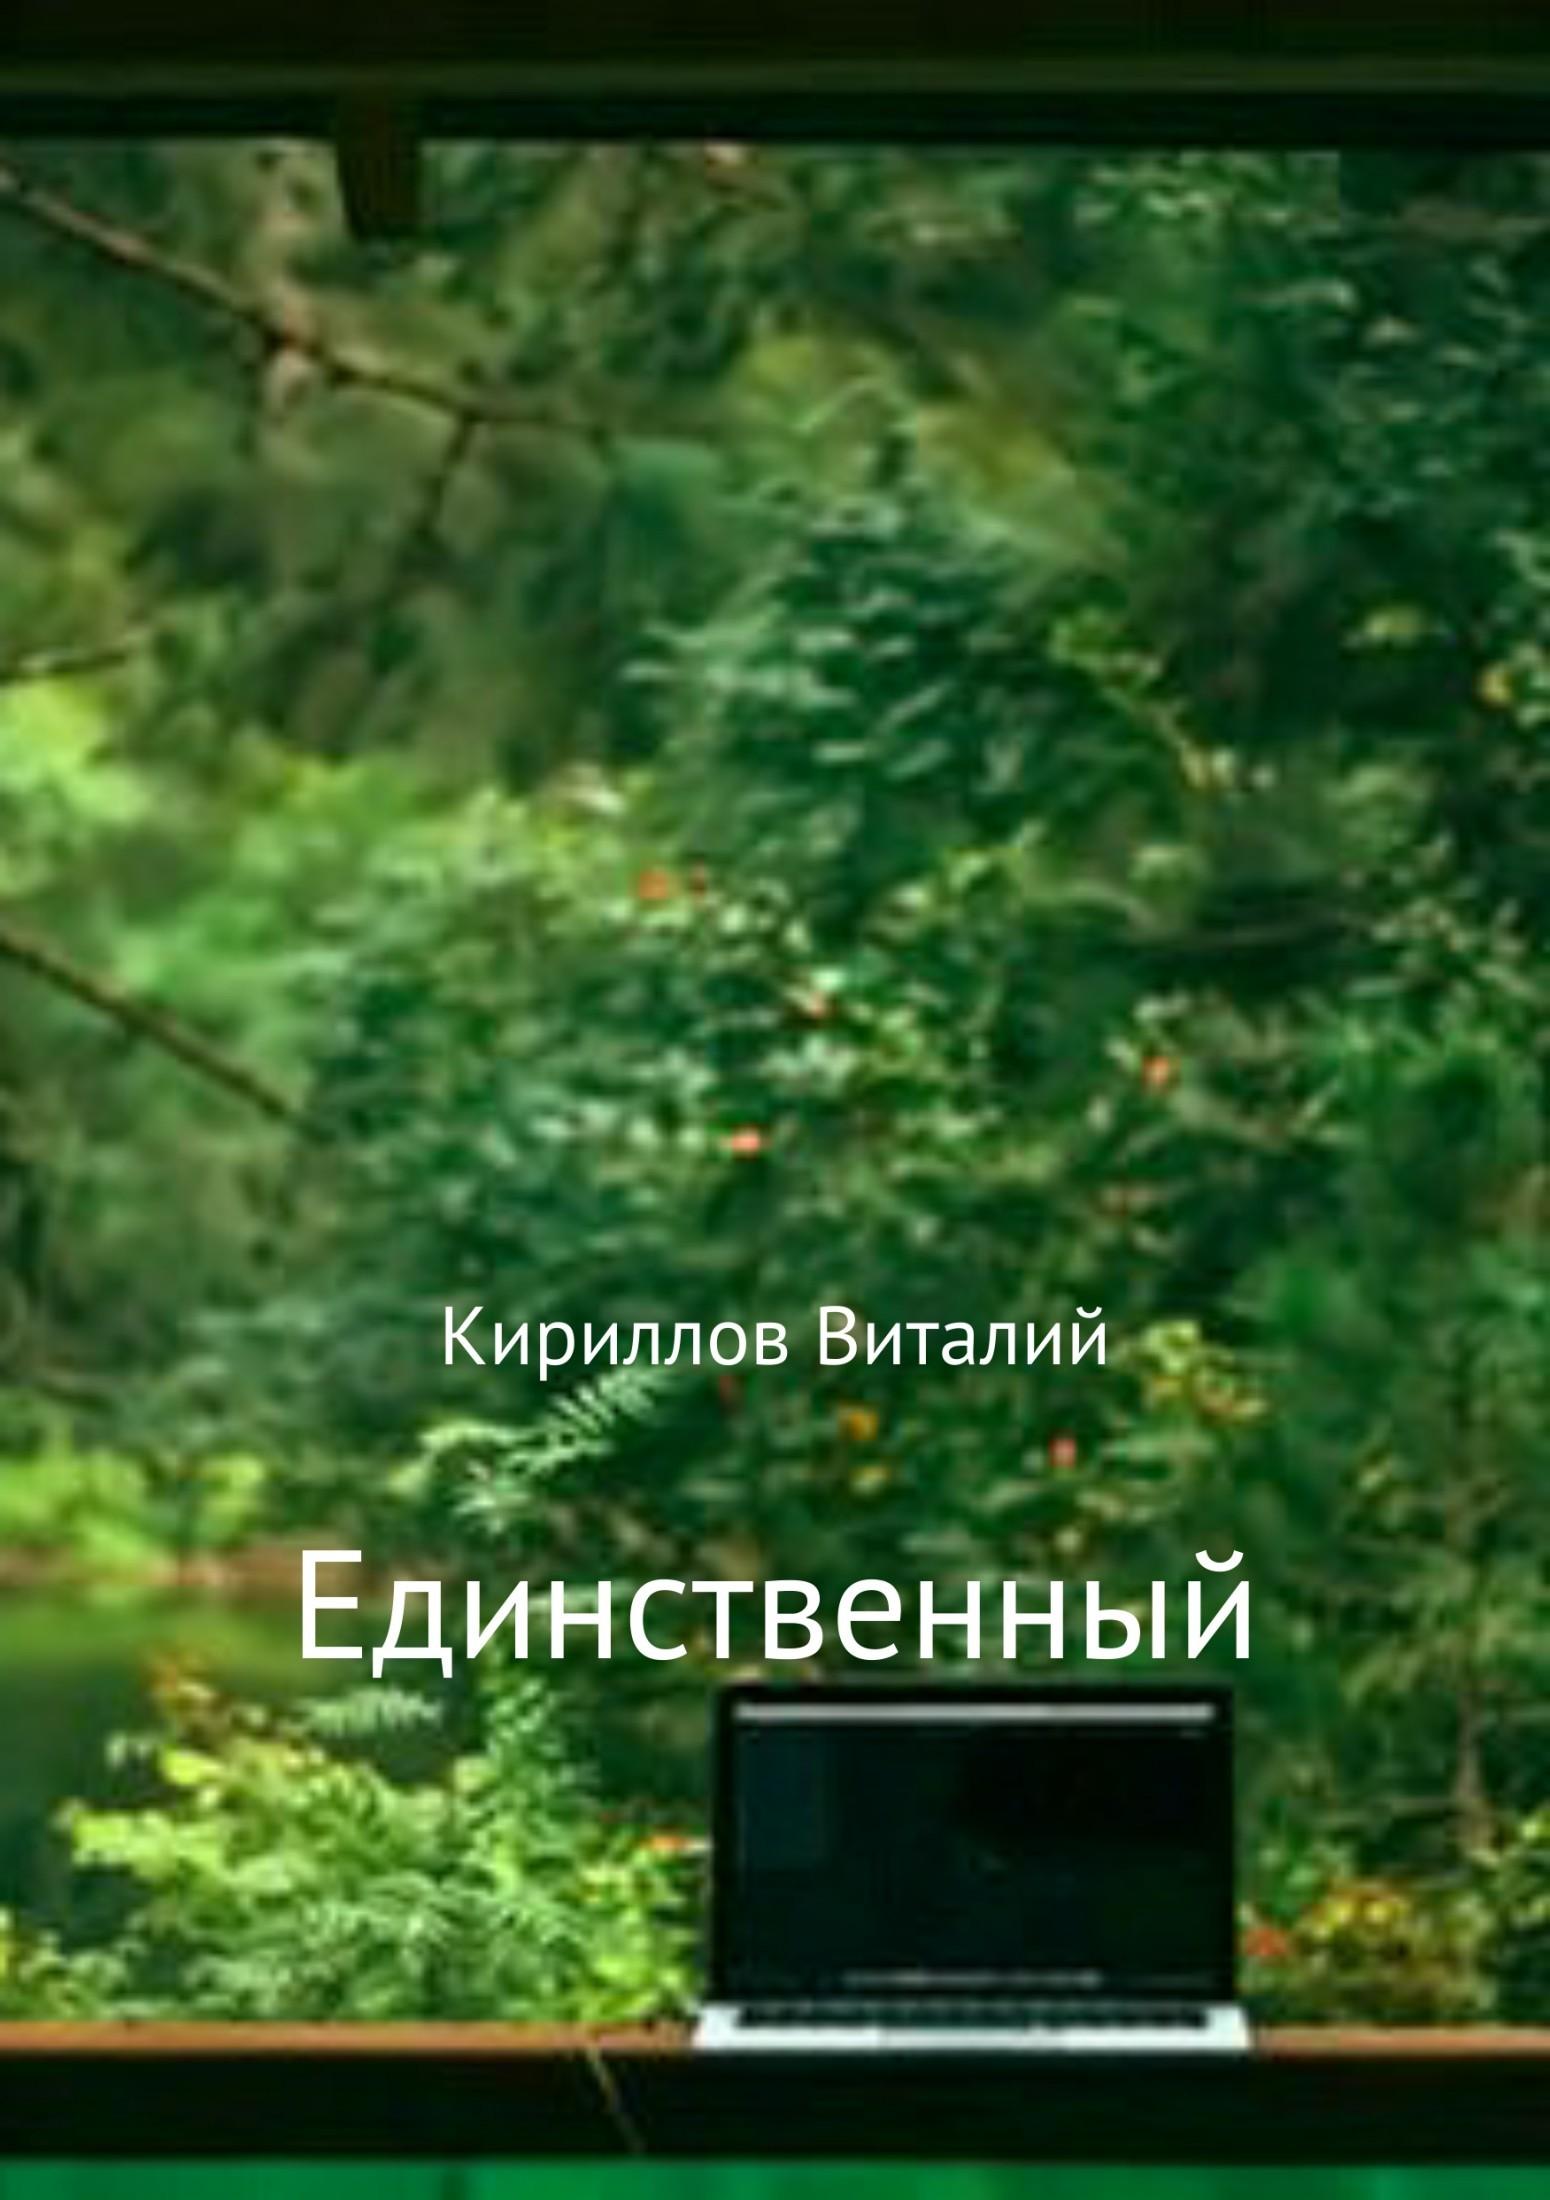 Виталий Кириллов - Единственный